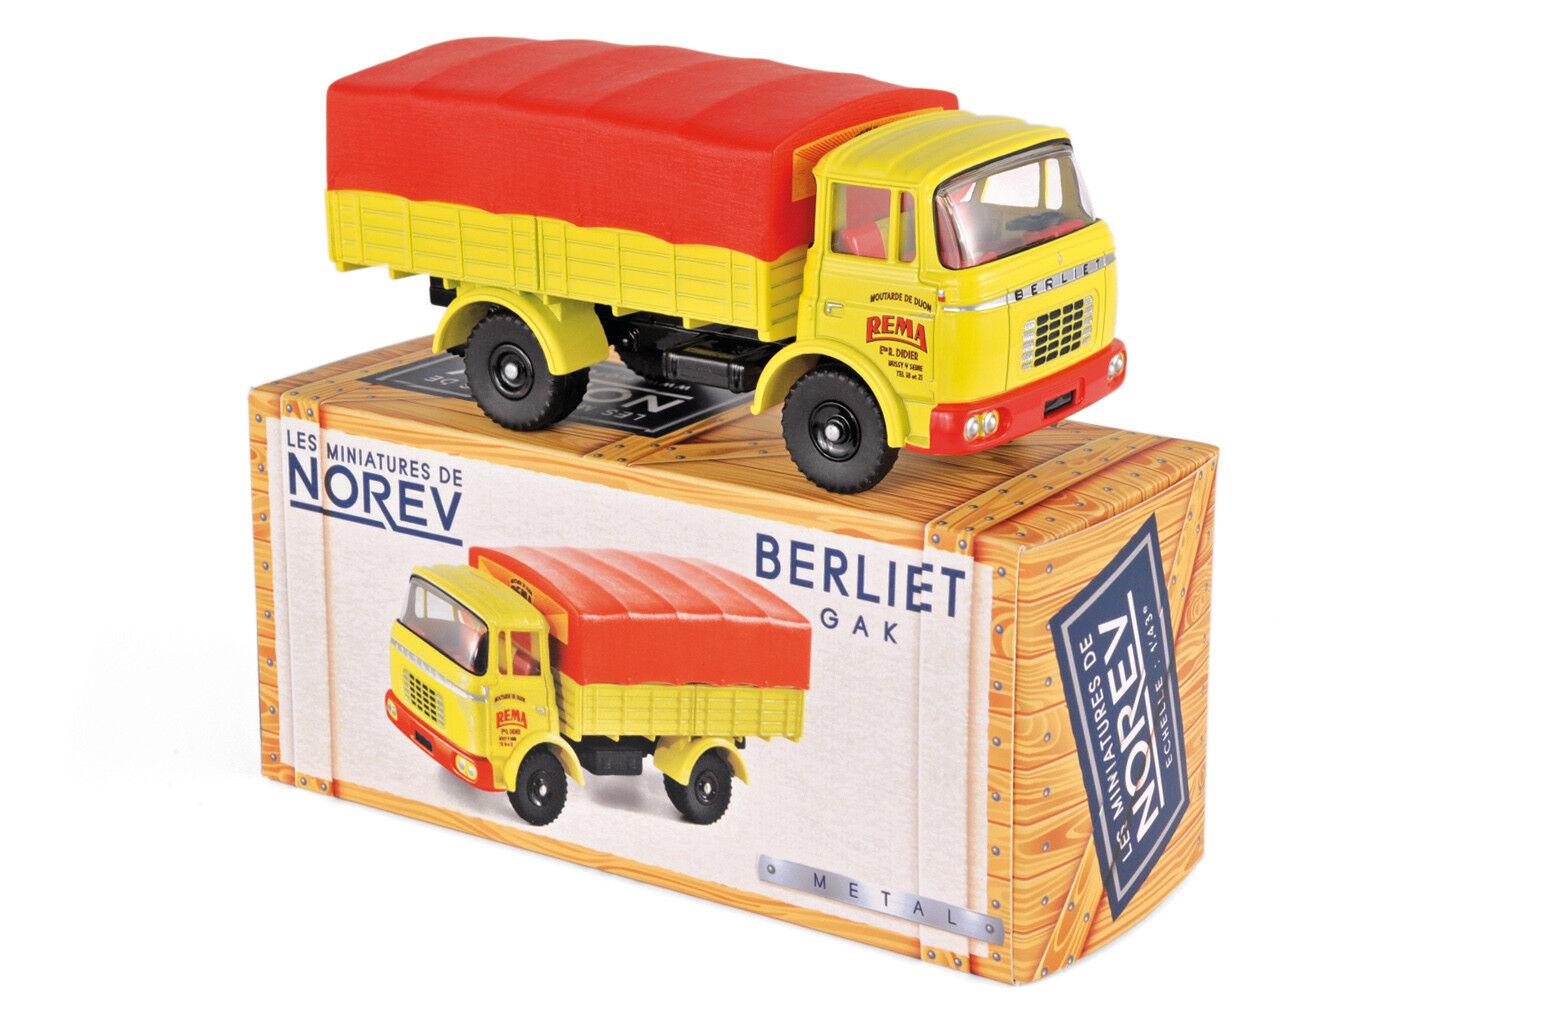 Les miniatures de NOREV CL6911 - Berliet GAK Bâché   Moutarde de Dijon 1 43